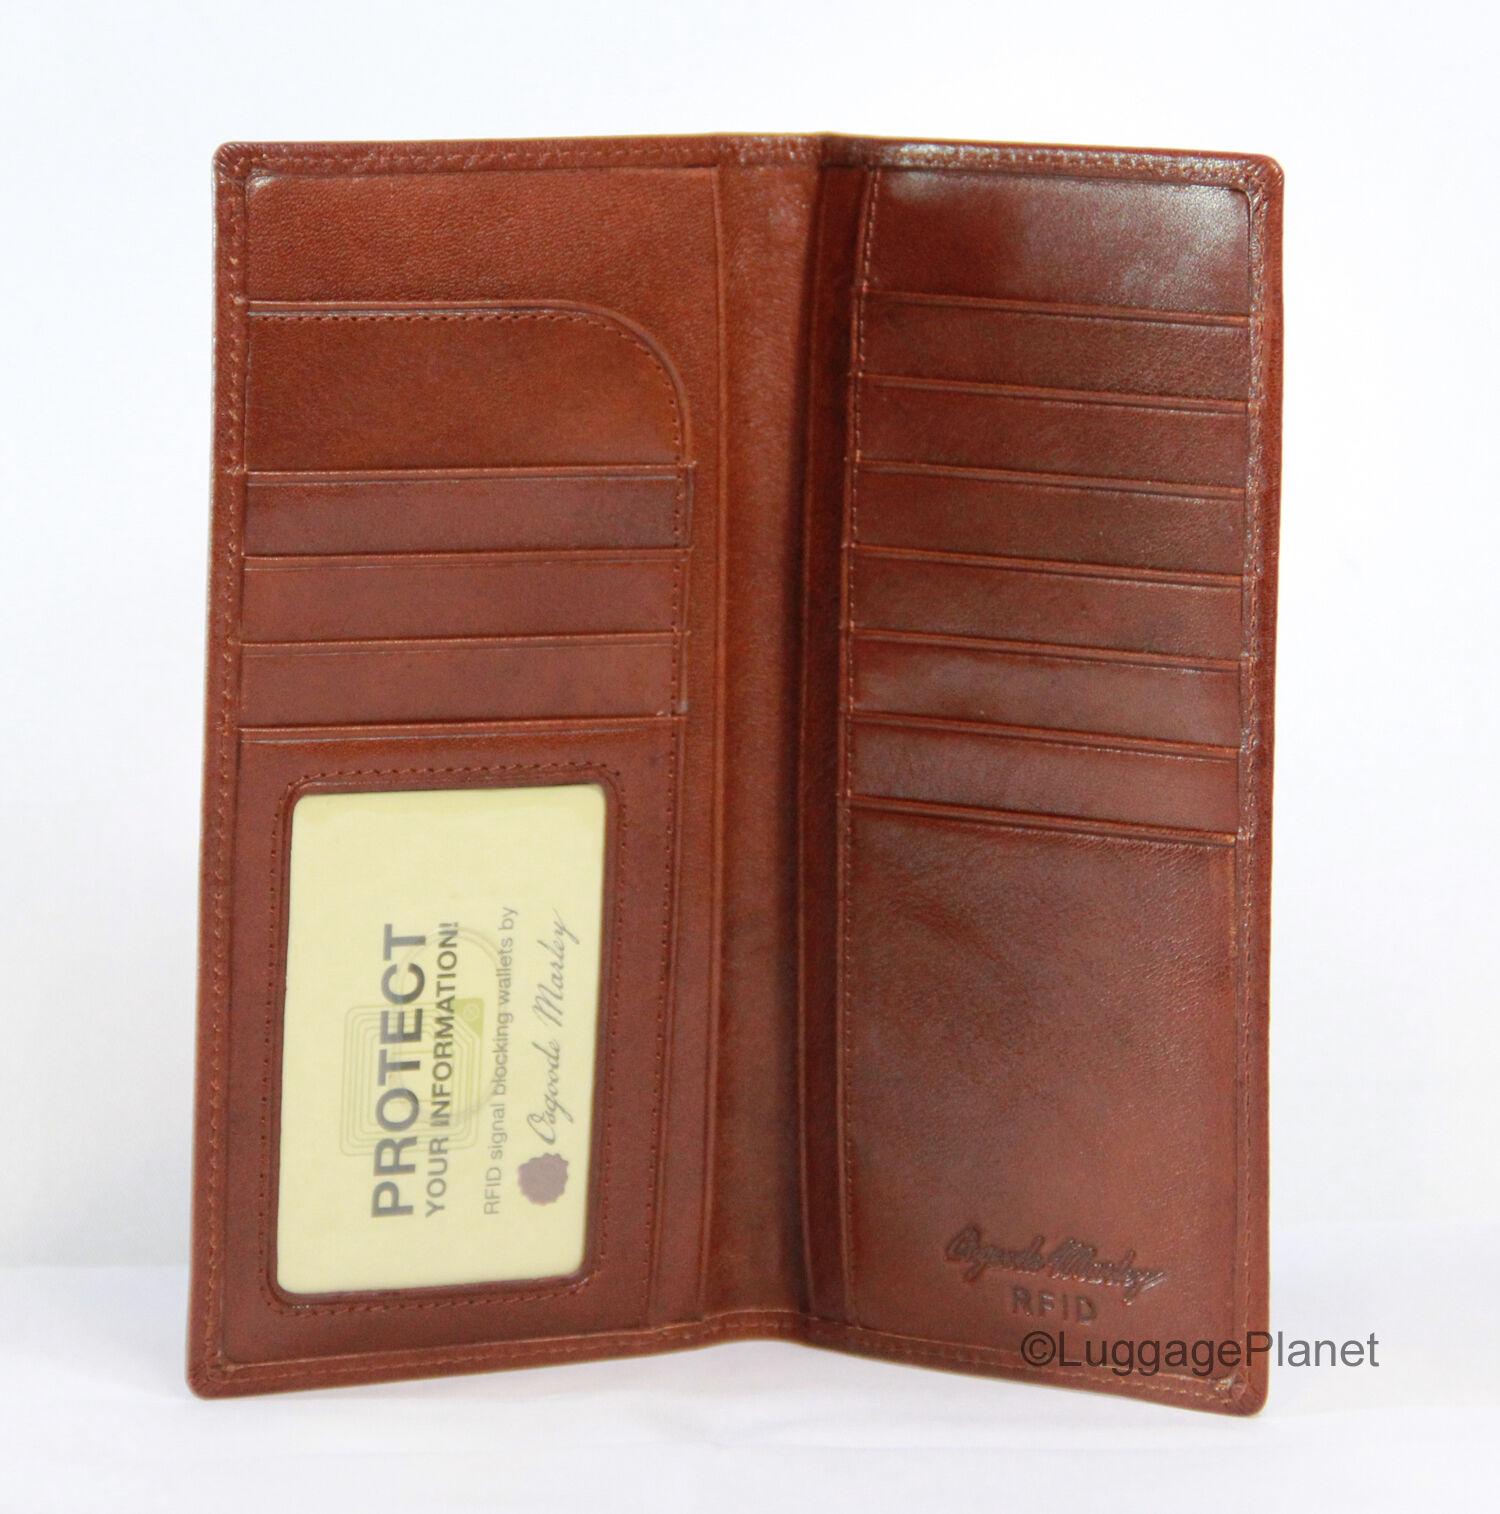 Osgoode Marley Sienna Rfid Leder Herren Brust Mantel Brieftasche 1107 | Lassen Sie unsere Produkte in die Welt gehen